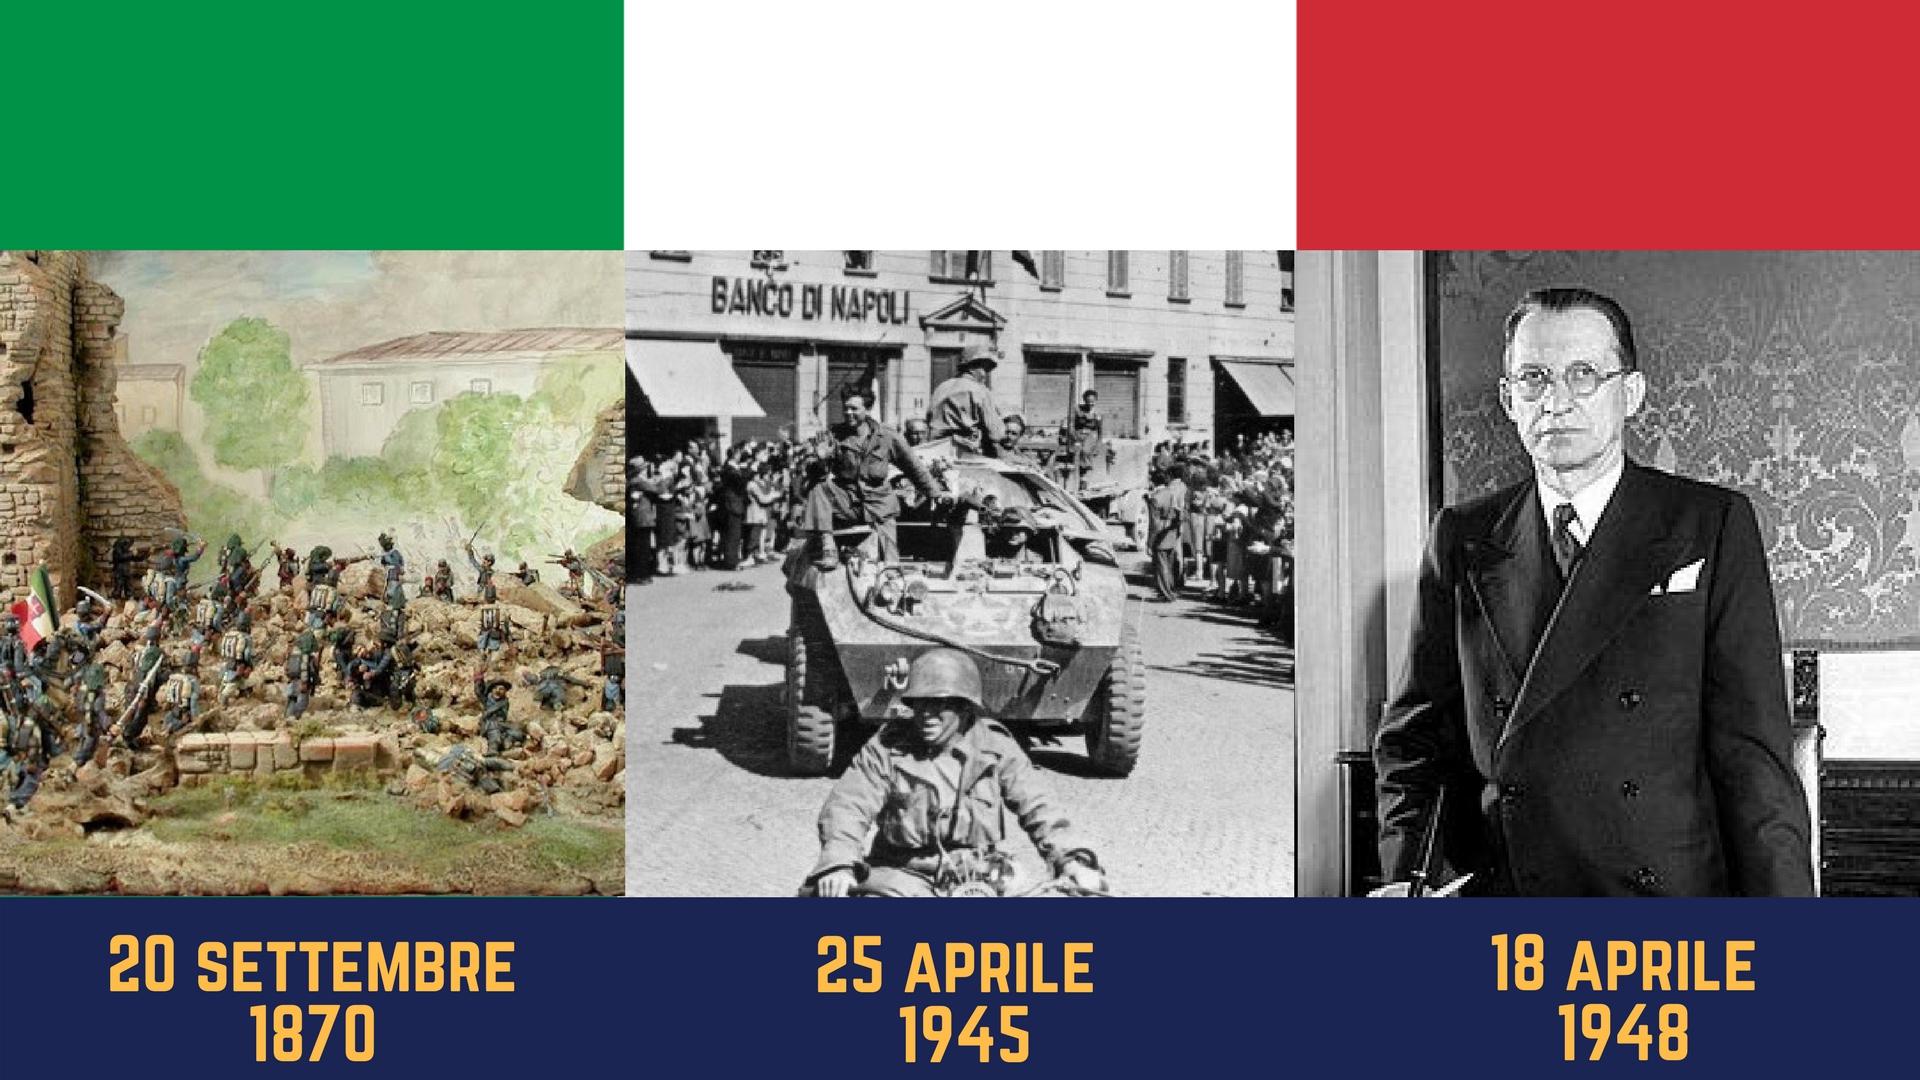 Quale delle seguenti è la data più importante per l'Italia?